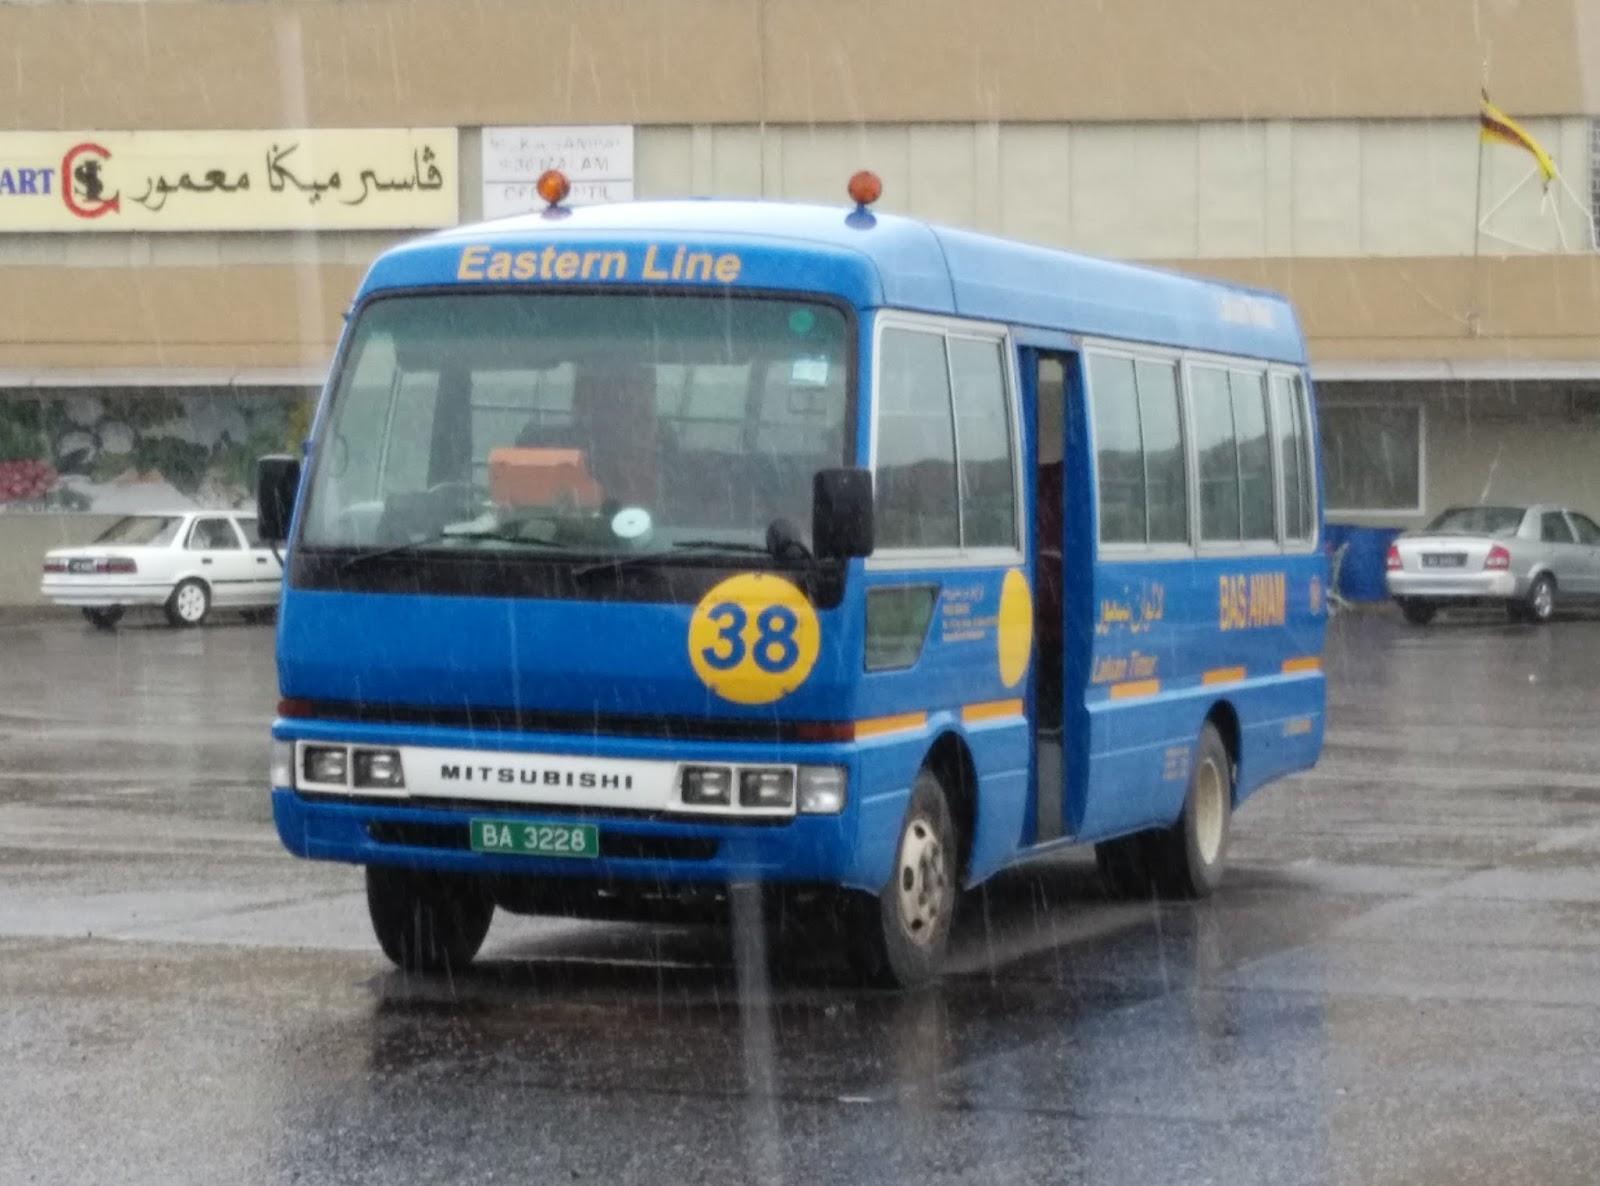 bus 38